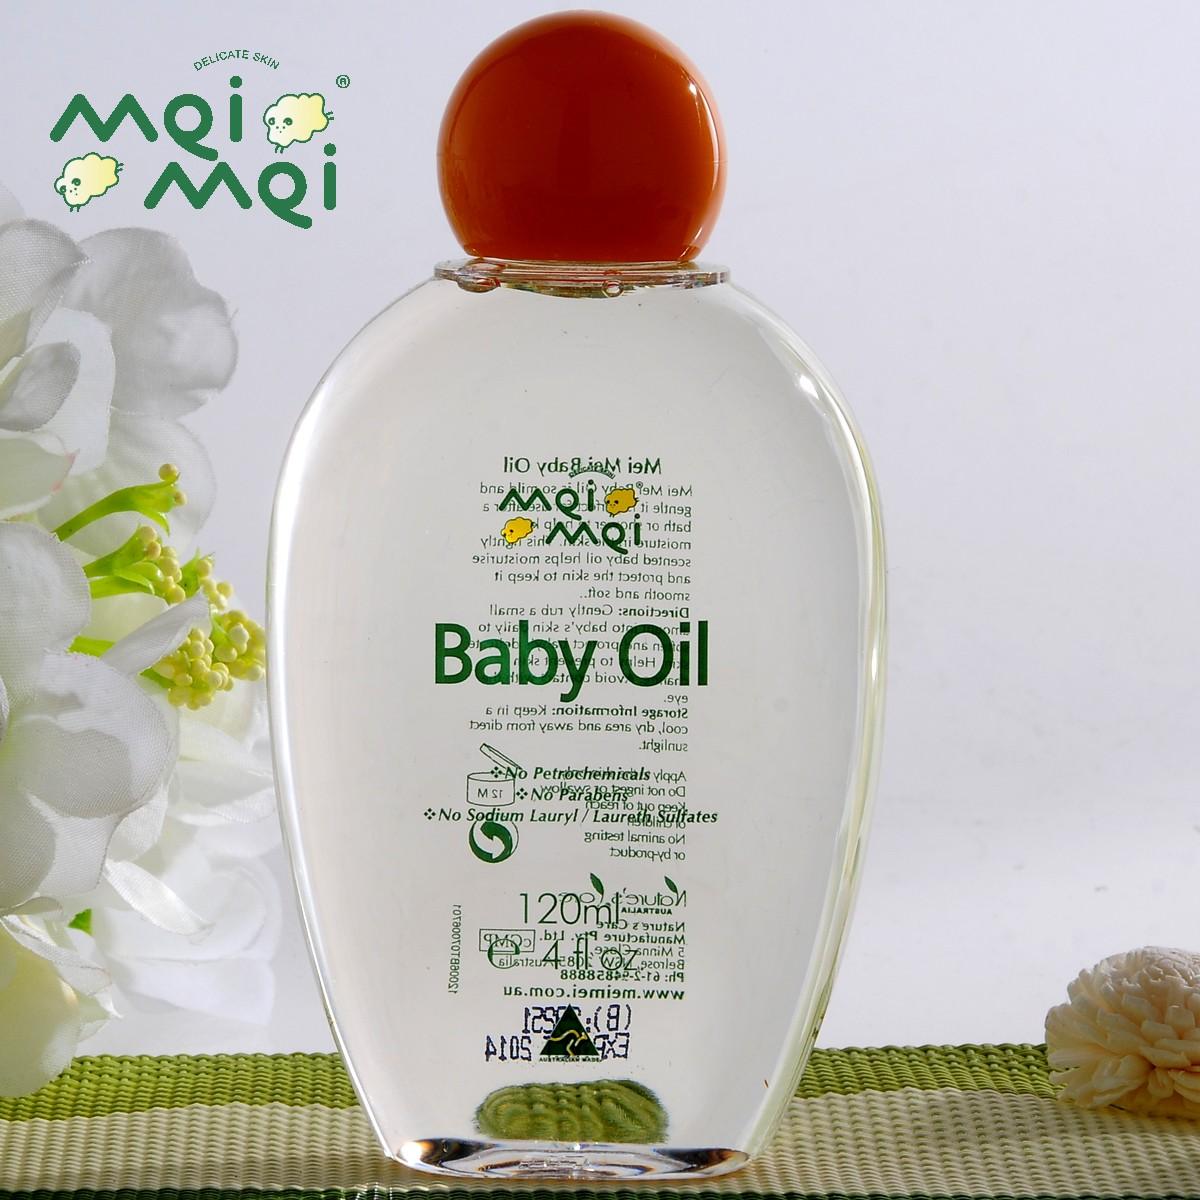 澳洲meimei(咪咪)一代进口 宝宝BB/baby润肤护肤品